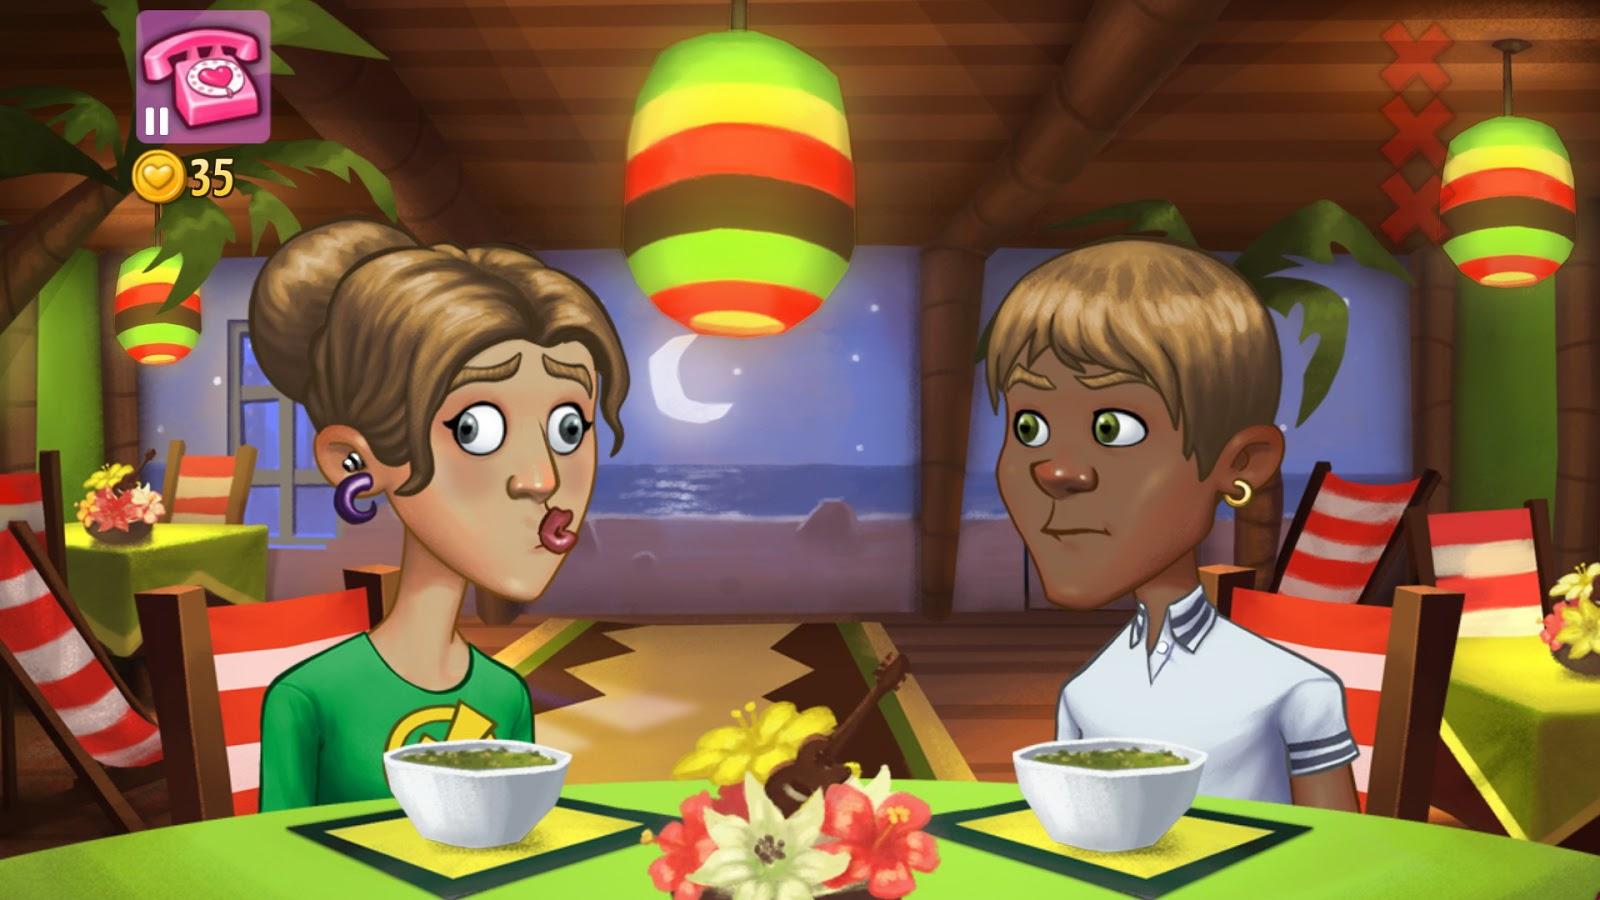 Аниме онлайн игры симуляторы свиданий на русском